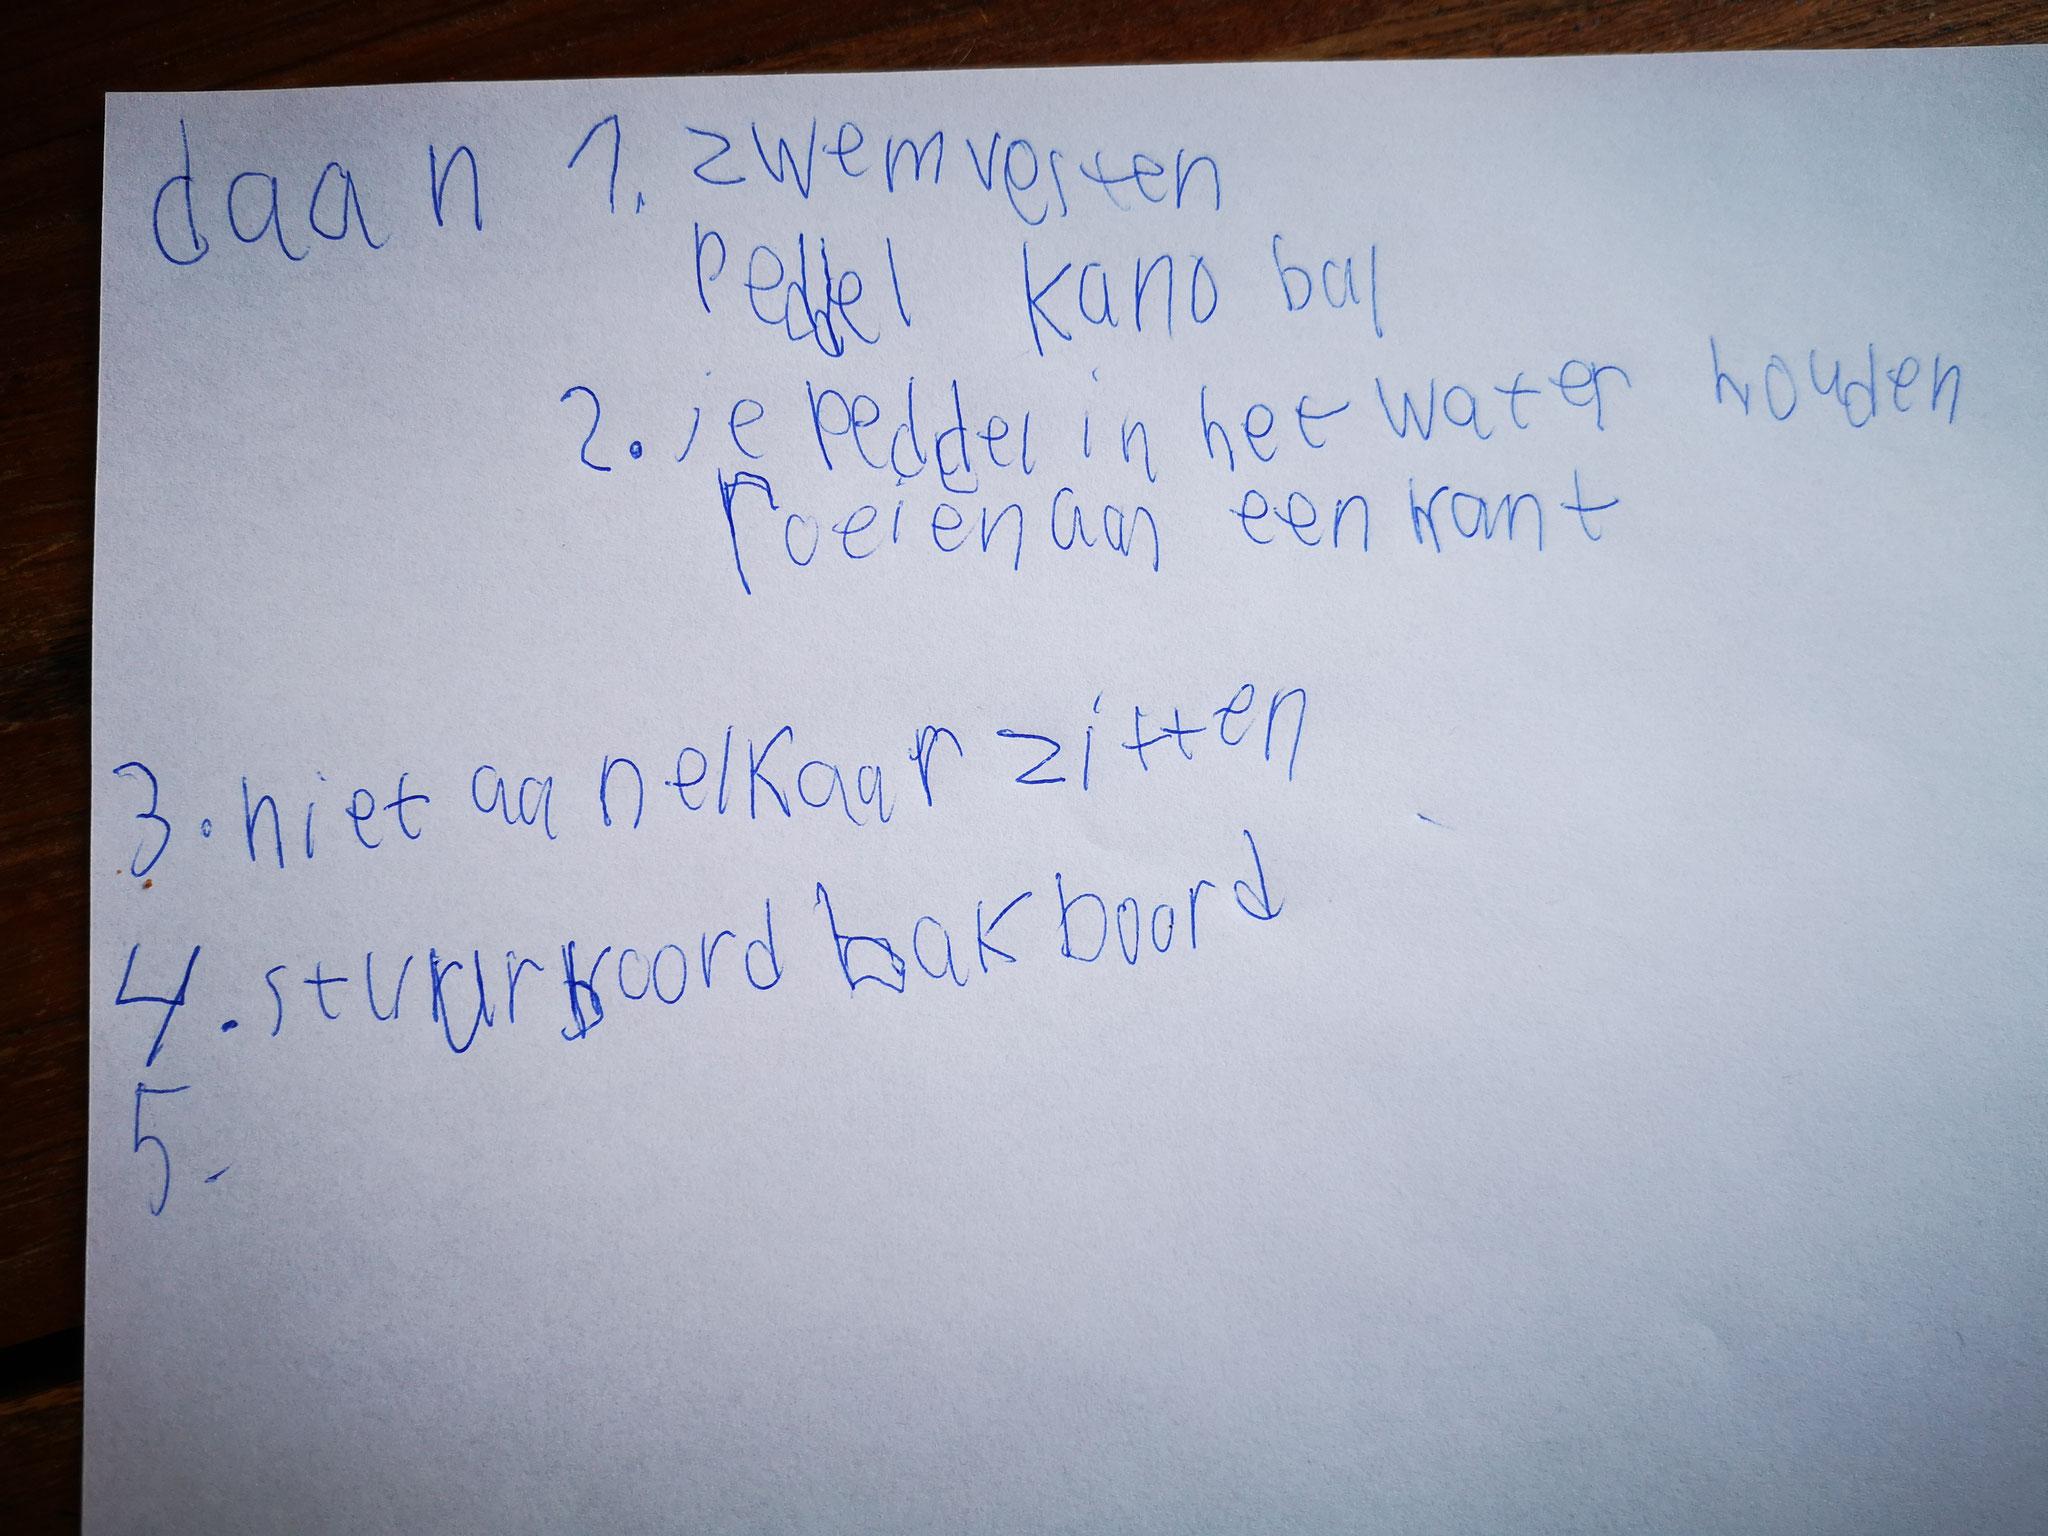 Slimme tip van Daan & Toon: schrijf je antwoorden op en laat papa of mama een foto maken en insturen.